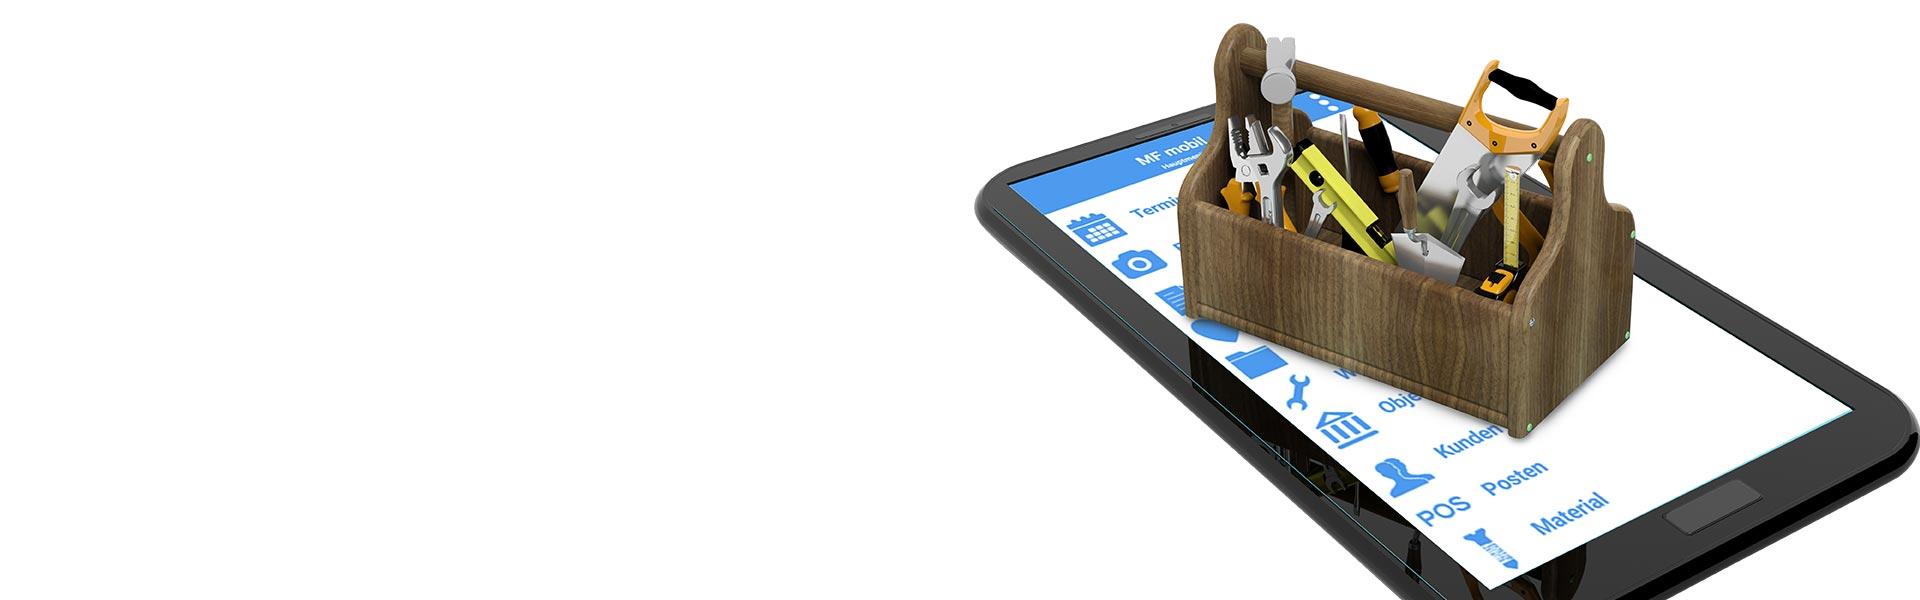 Die Dachdecker-App unserer Software für Dachdecker überzeugt Profis.